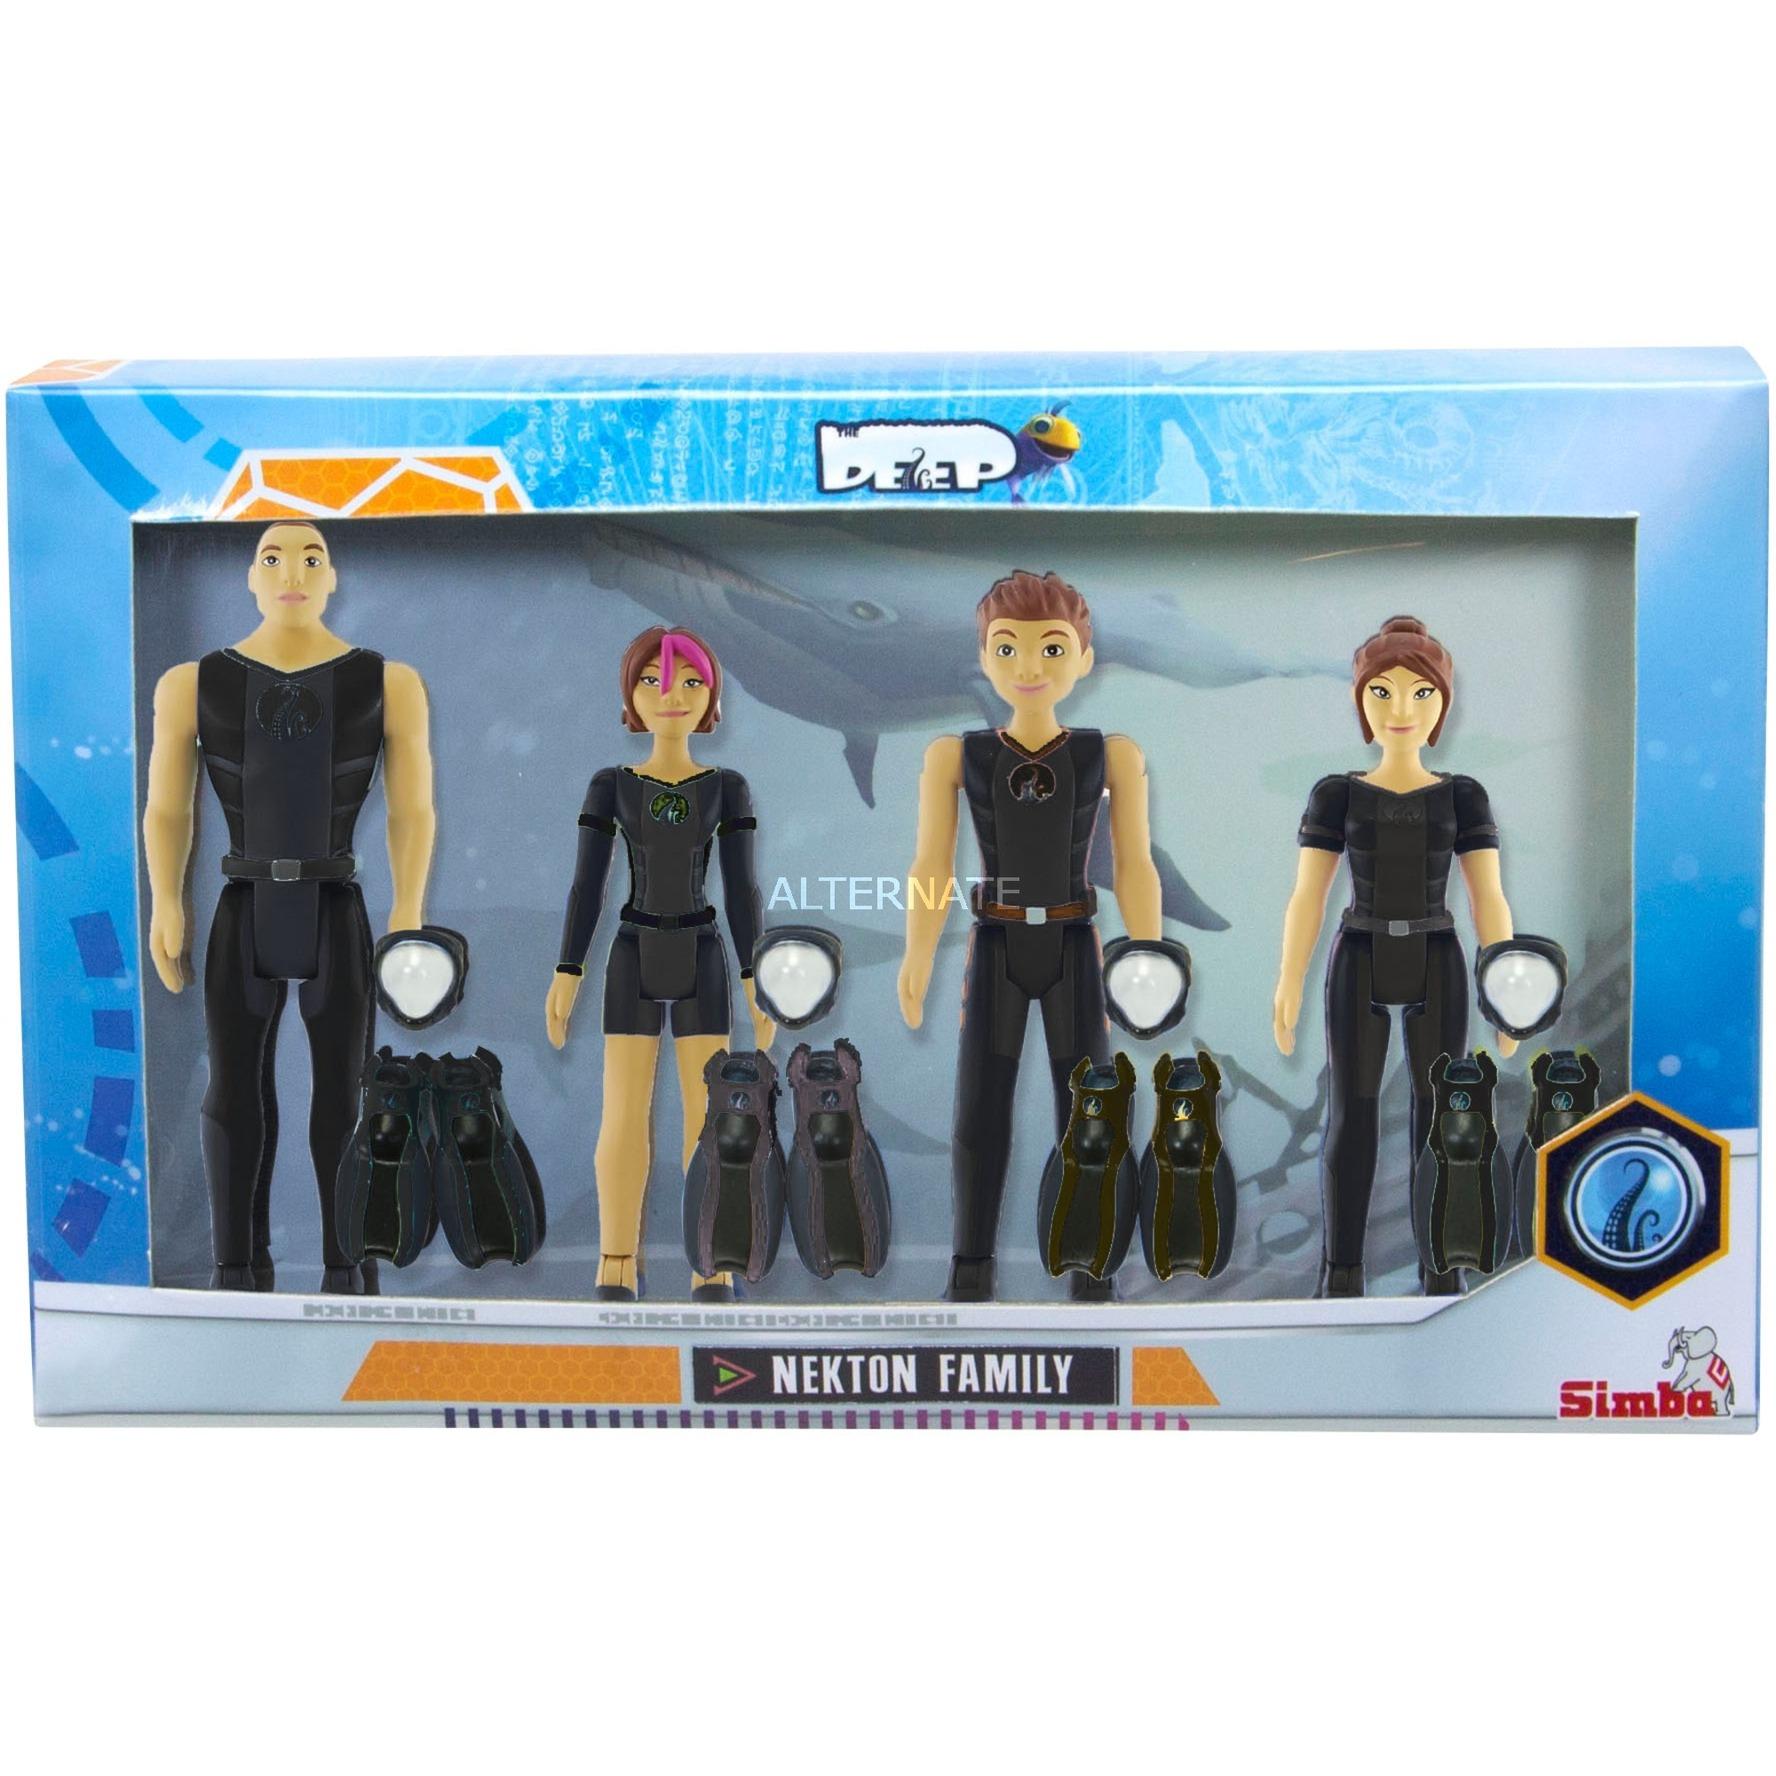 109391002 figura de juguete para niños Multicolor Niño/niña 1 pieza(s), Muñecos